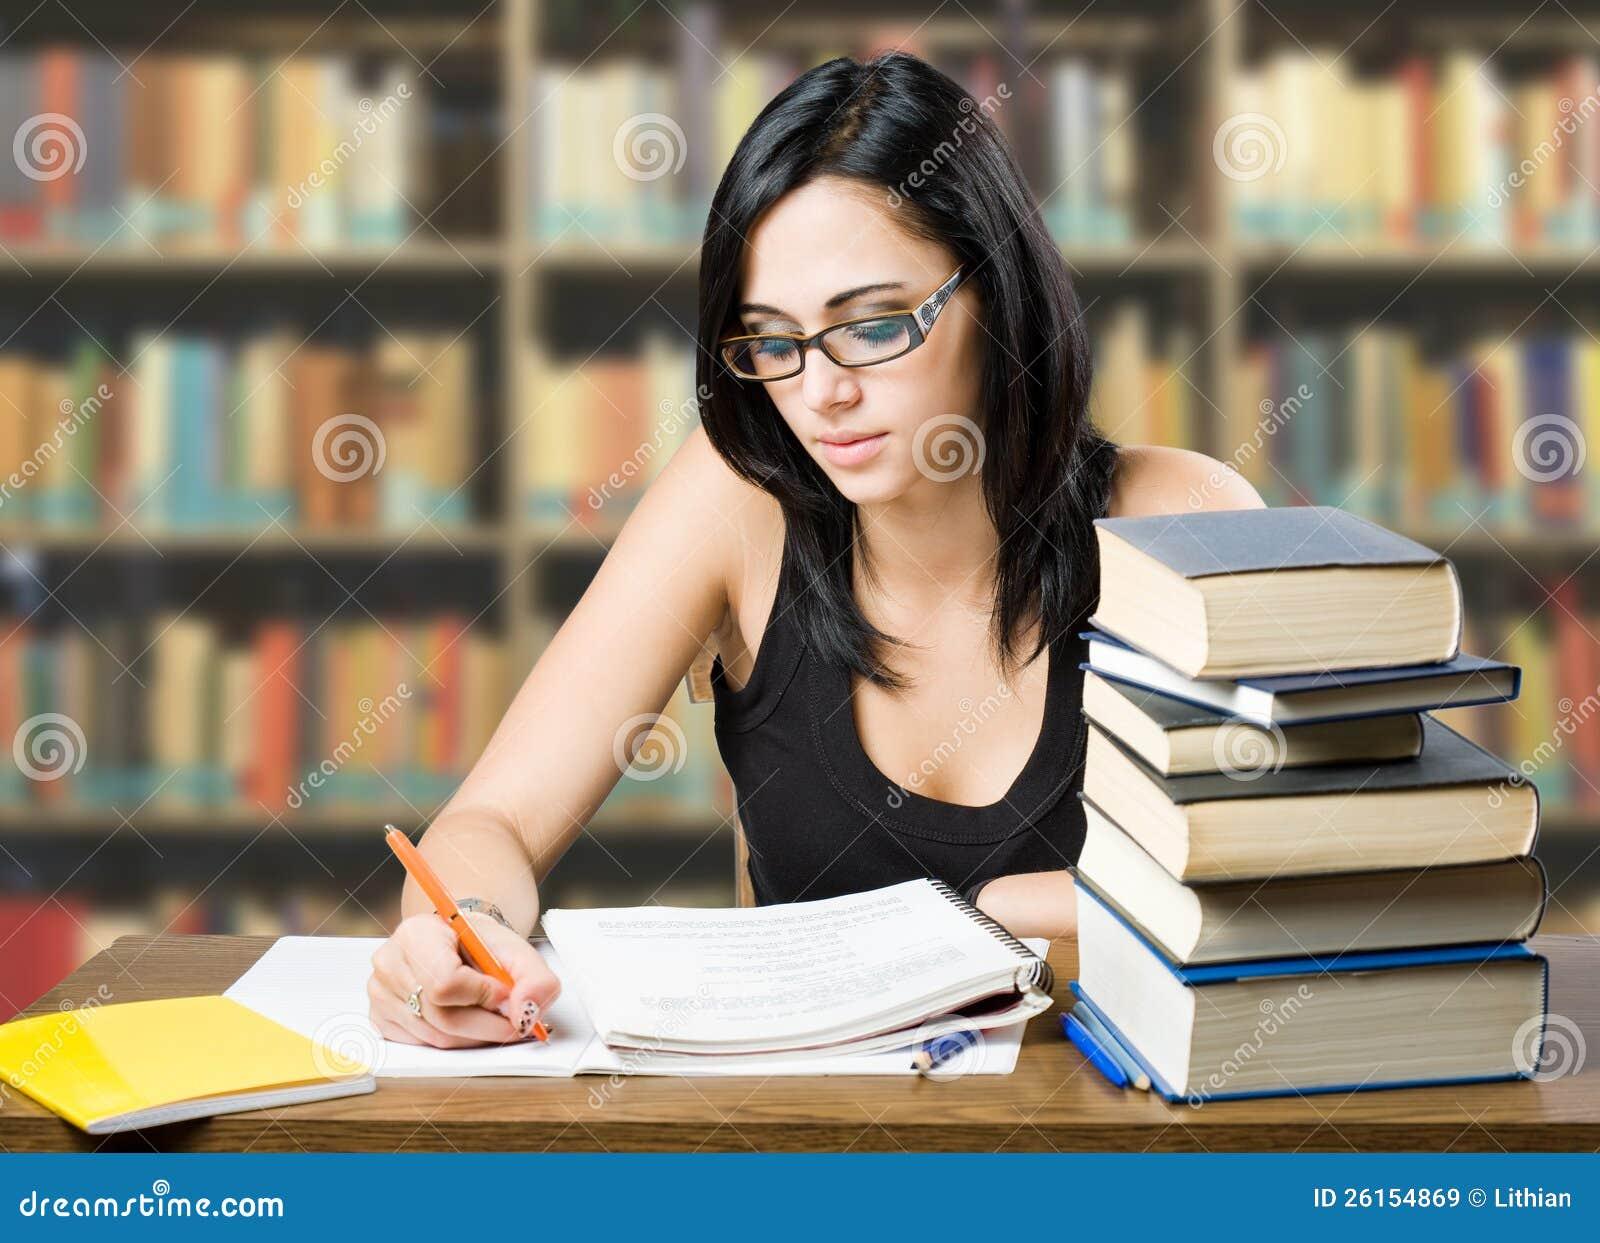 Студентка готовится к сессии 8 фотография